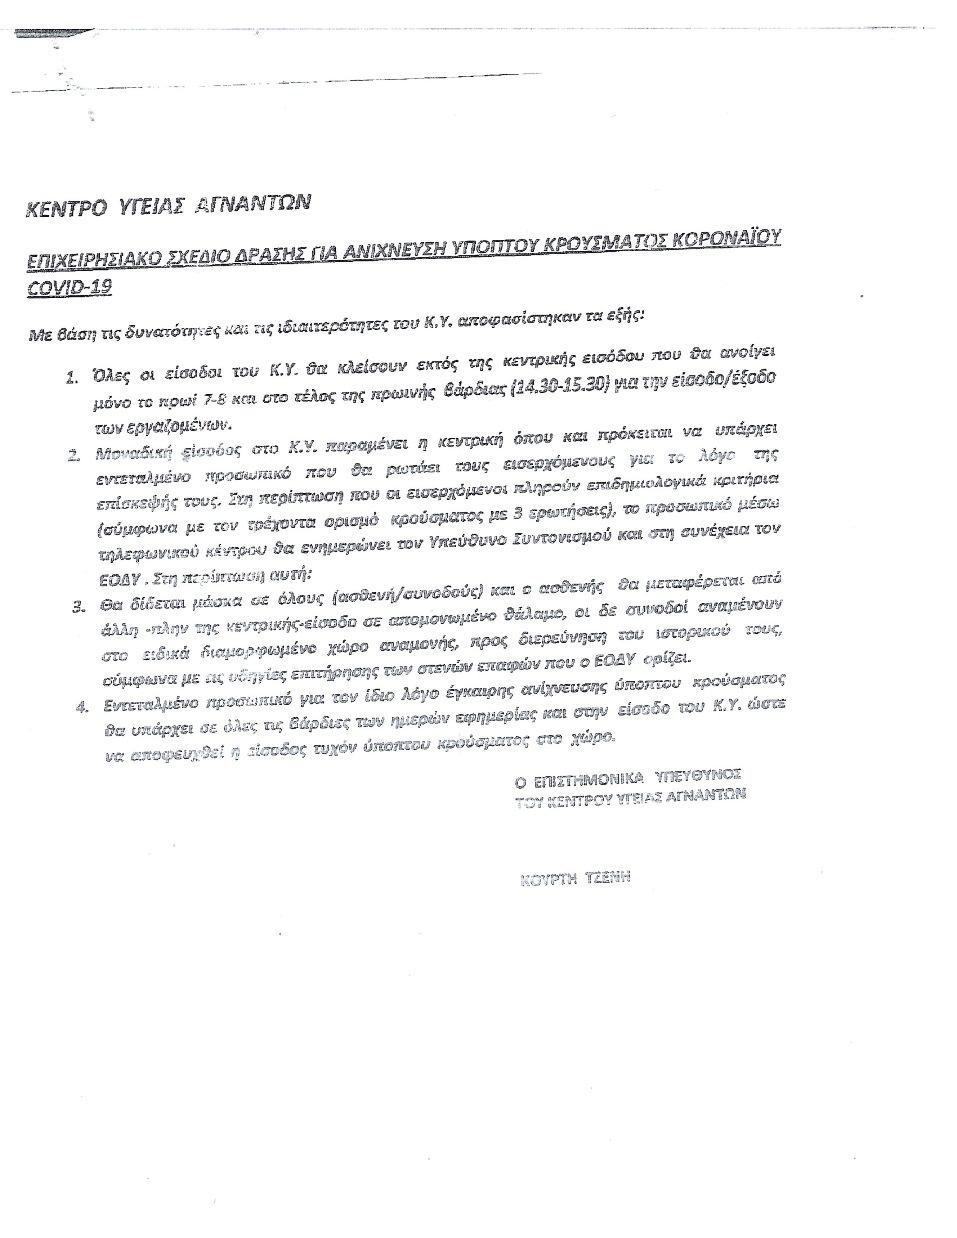 Ενημέρωση του ΚΥ Αγνάντων για την διαχείριση κρουσμάτων COVID-19